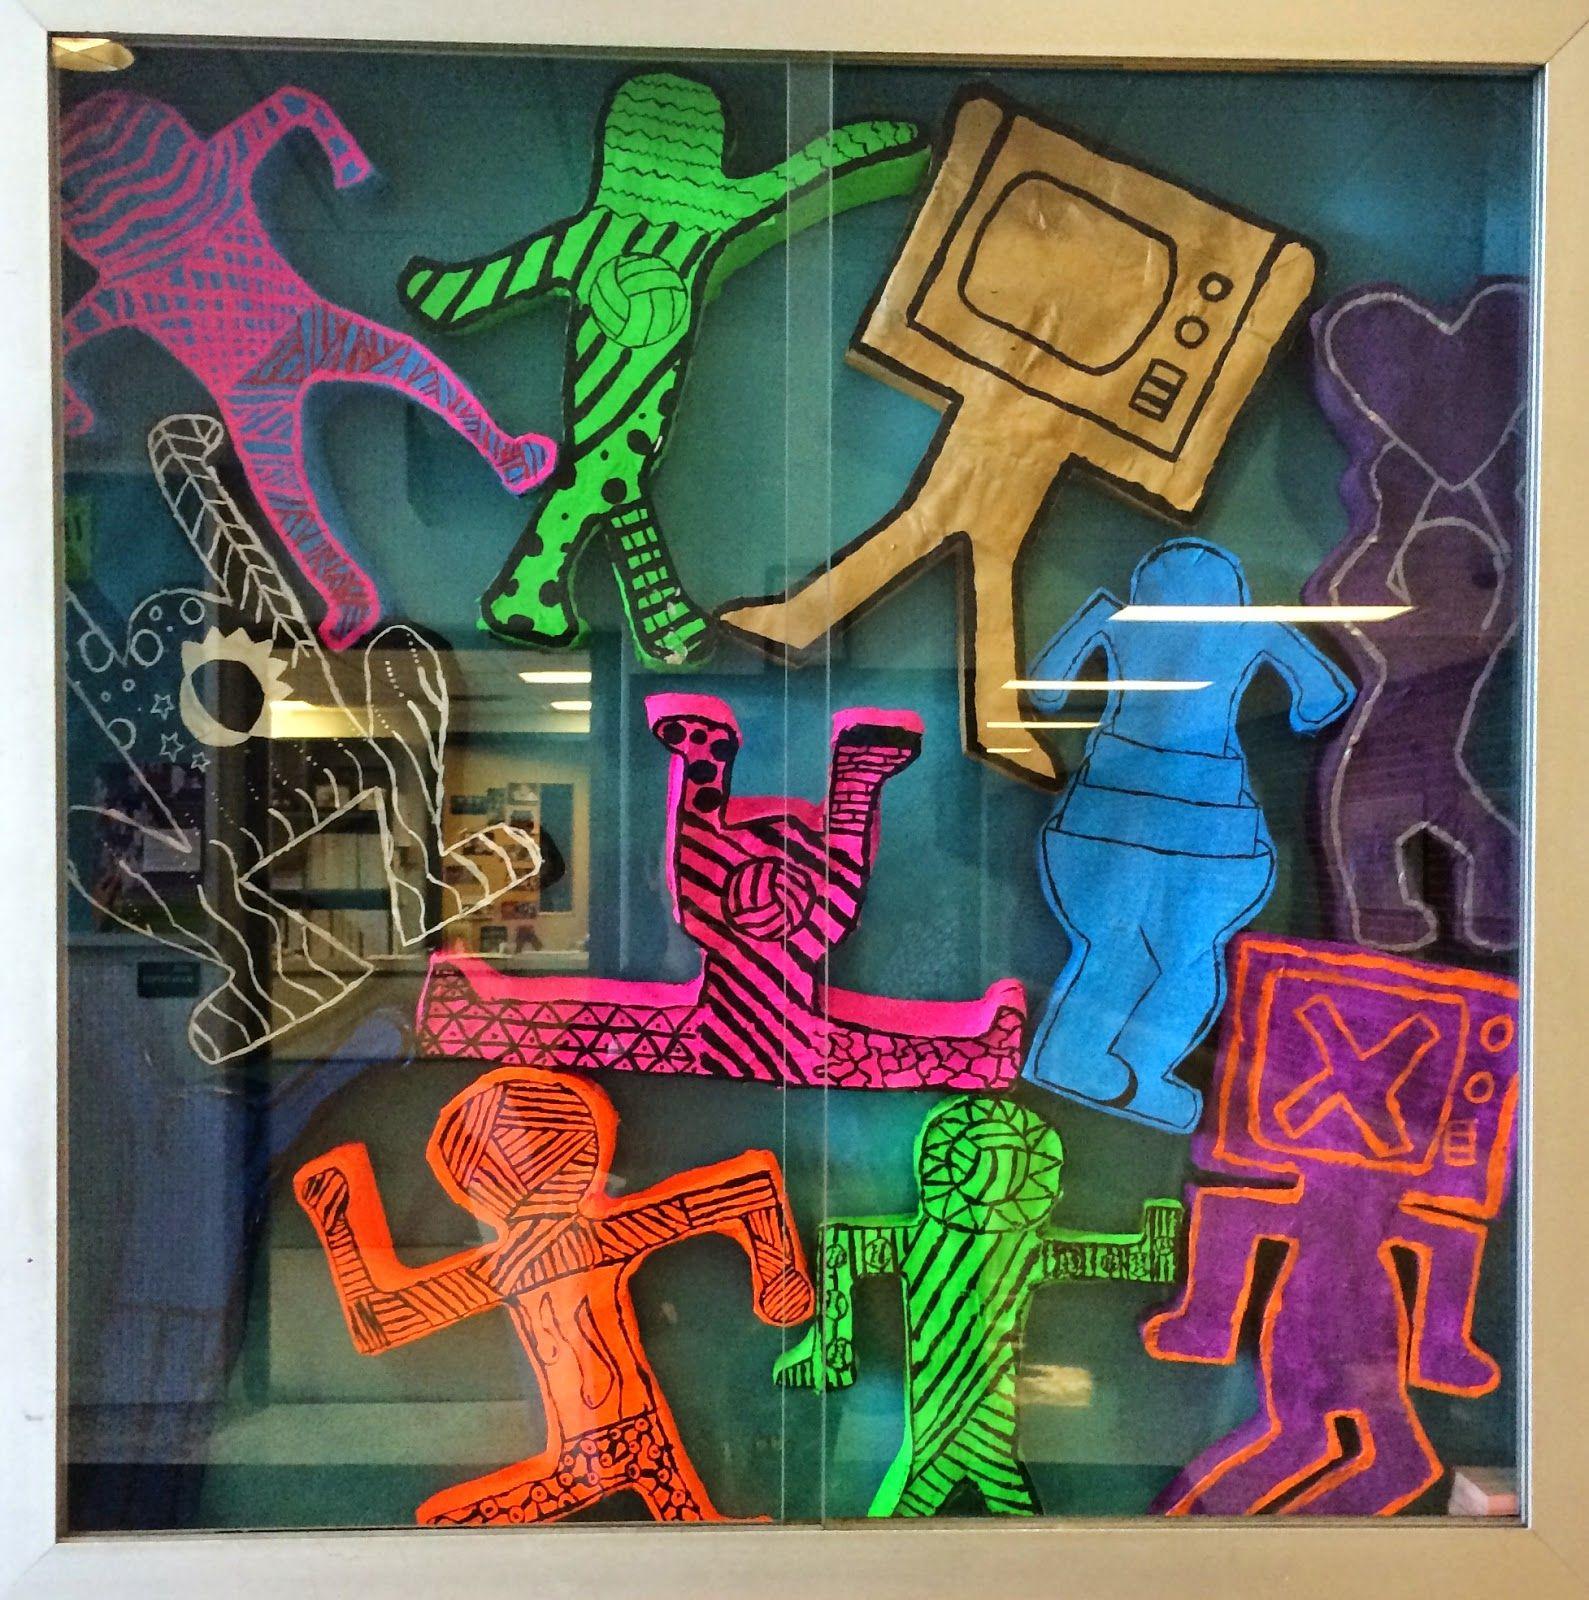 Art Paper Scissors Glue Keith Haring Sculptures